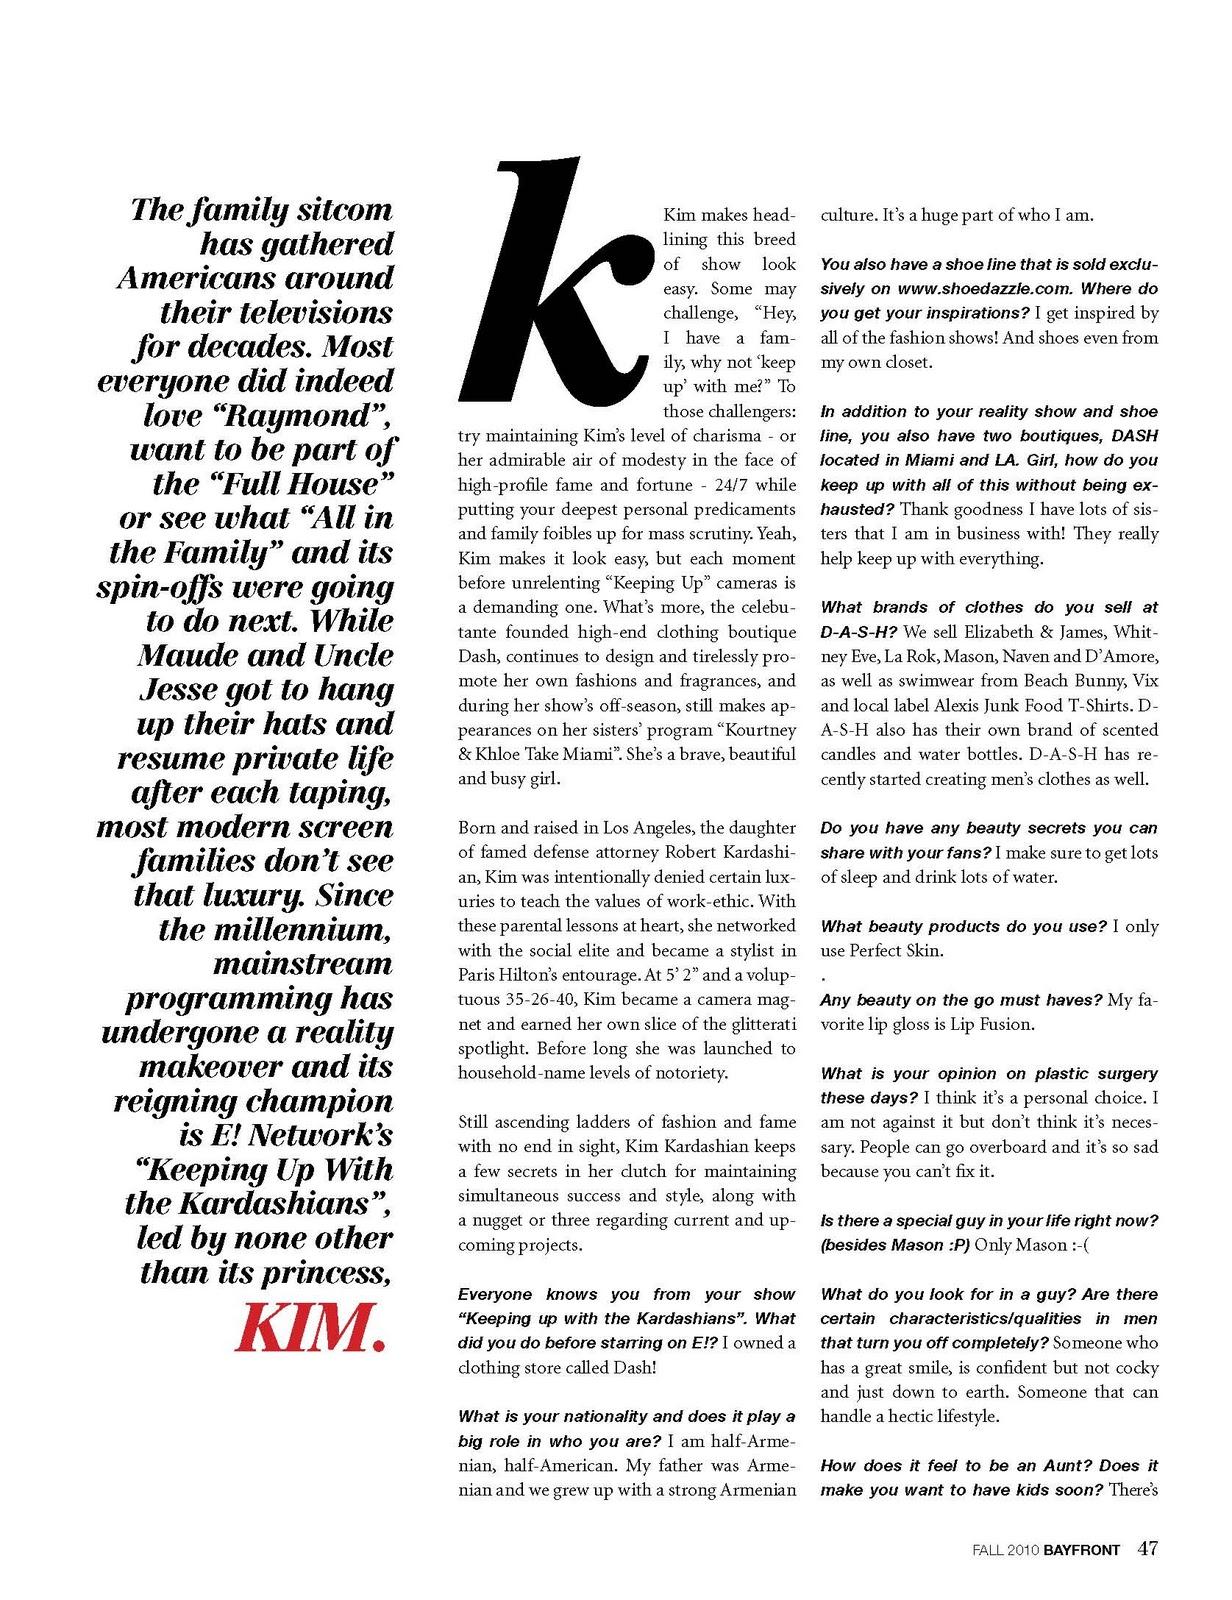 http://1.bp.blogspot.com/_AjlqXuOitTs/TQWEtIaoSGI/AAAAAAAABw0/fDb0wKlU5b8/s1600/Icon+Kim+Kardashian+4.jpg